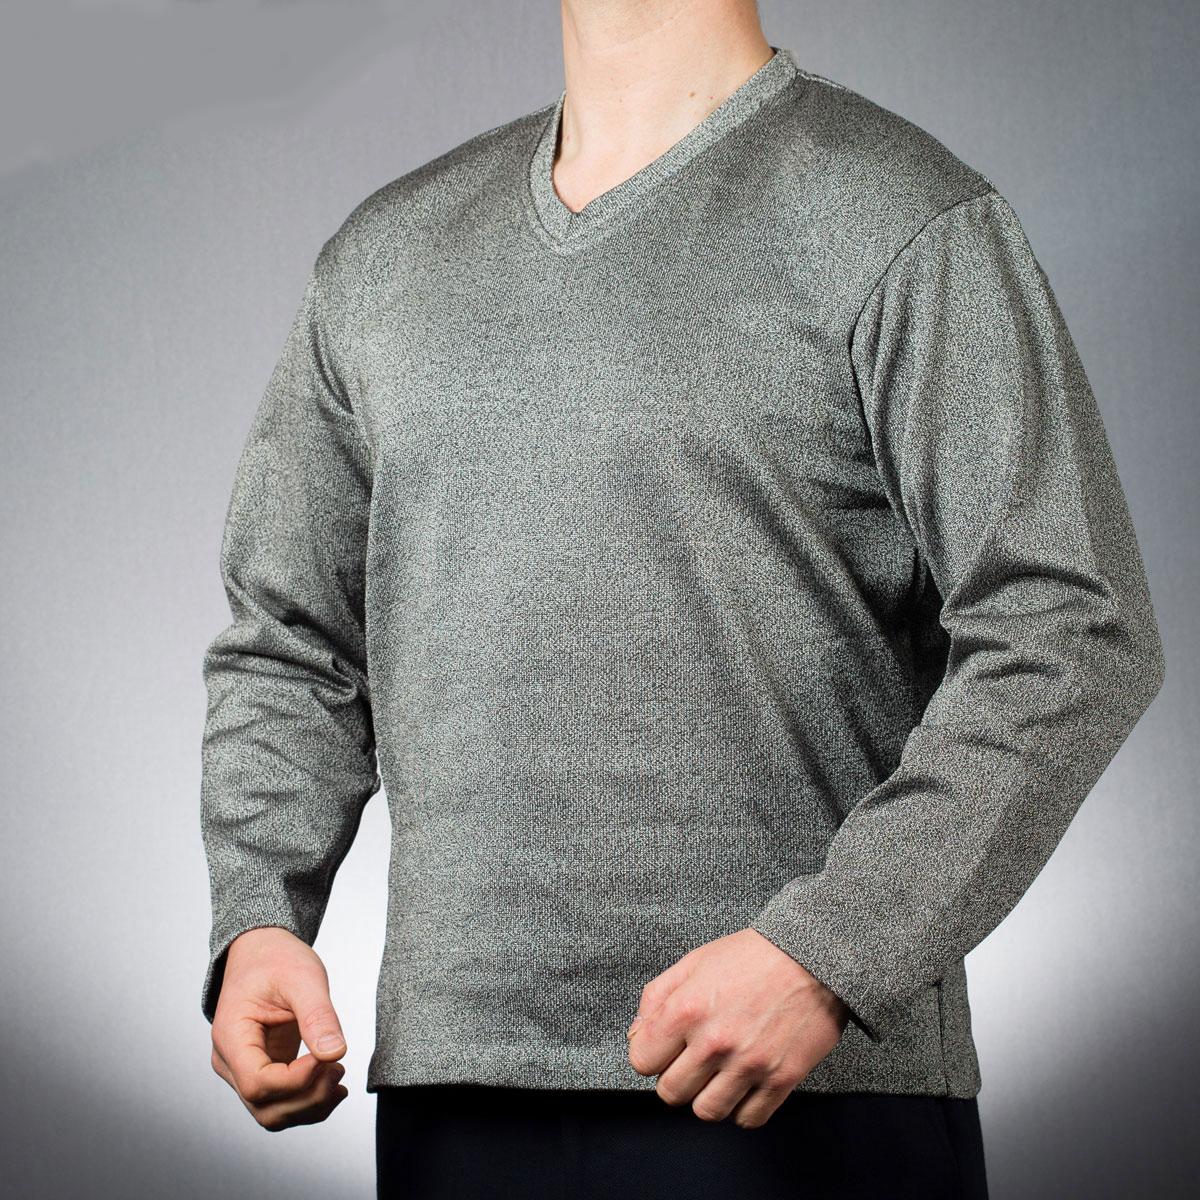 SlashPRO Slash Resistant Clothing V Neck Sweatshirt